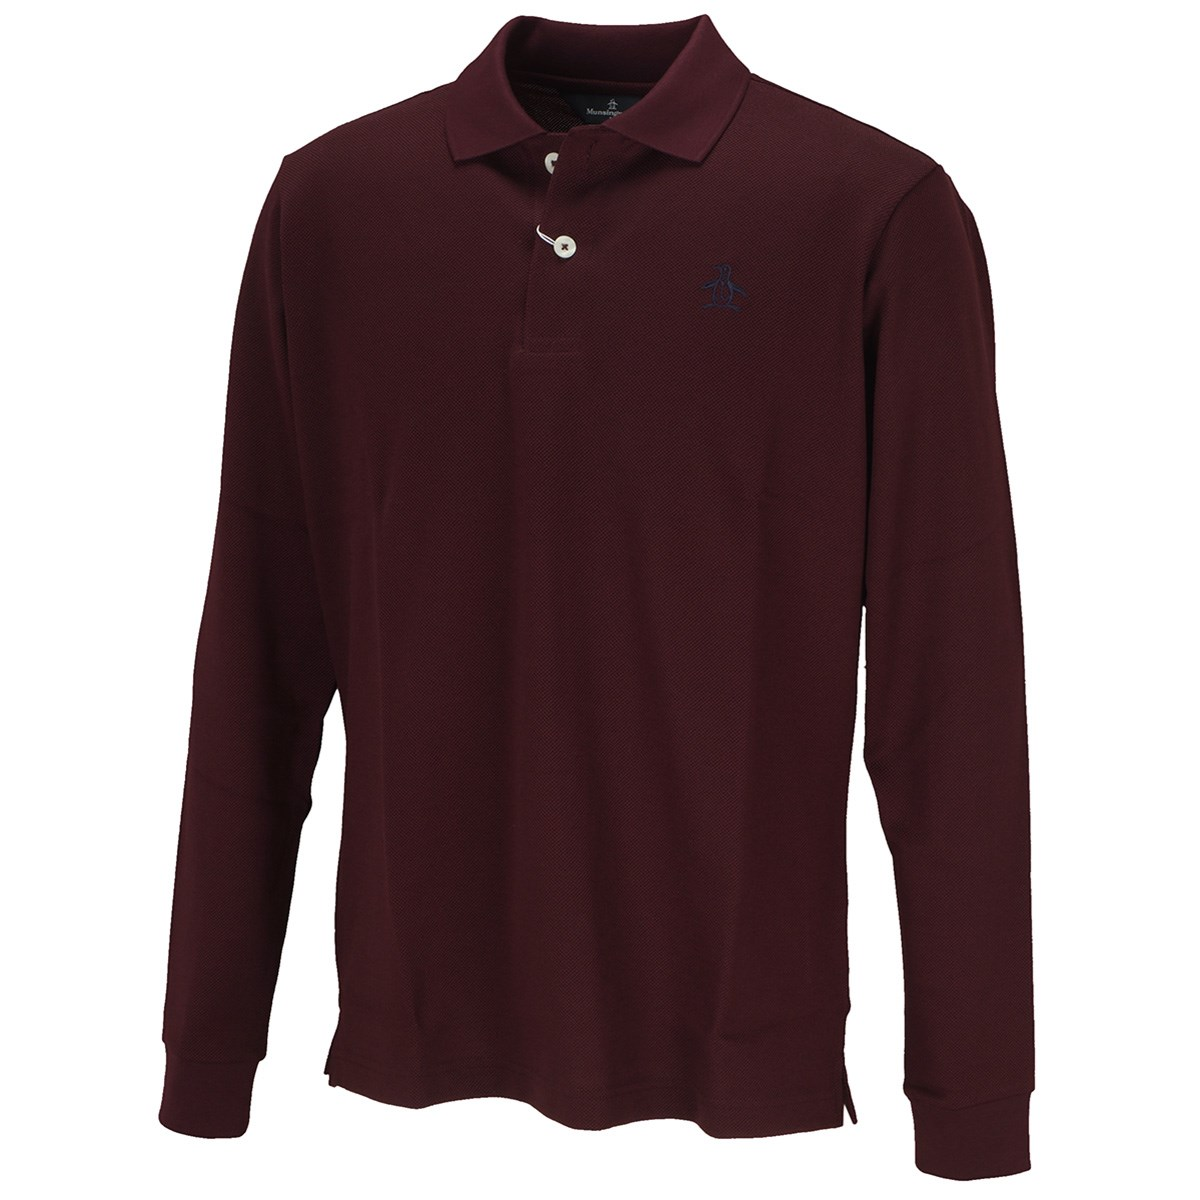 マンシングウェア Munsingwear マナード鹿の子長袖ポロシャツ L ボルドー W205